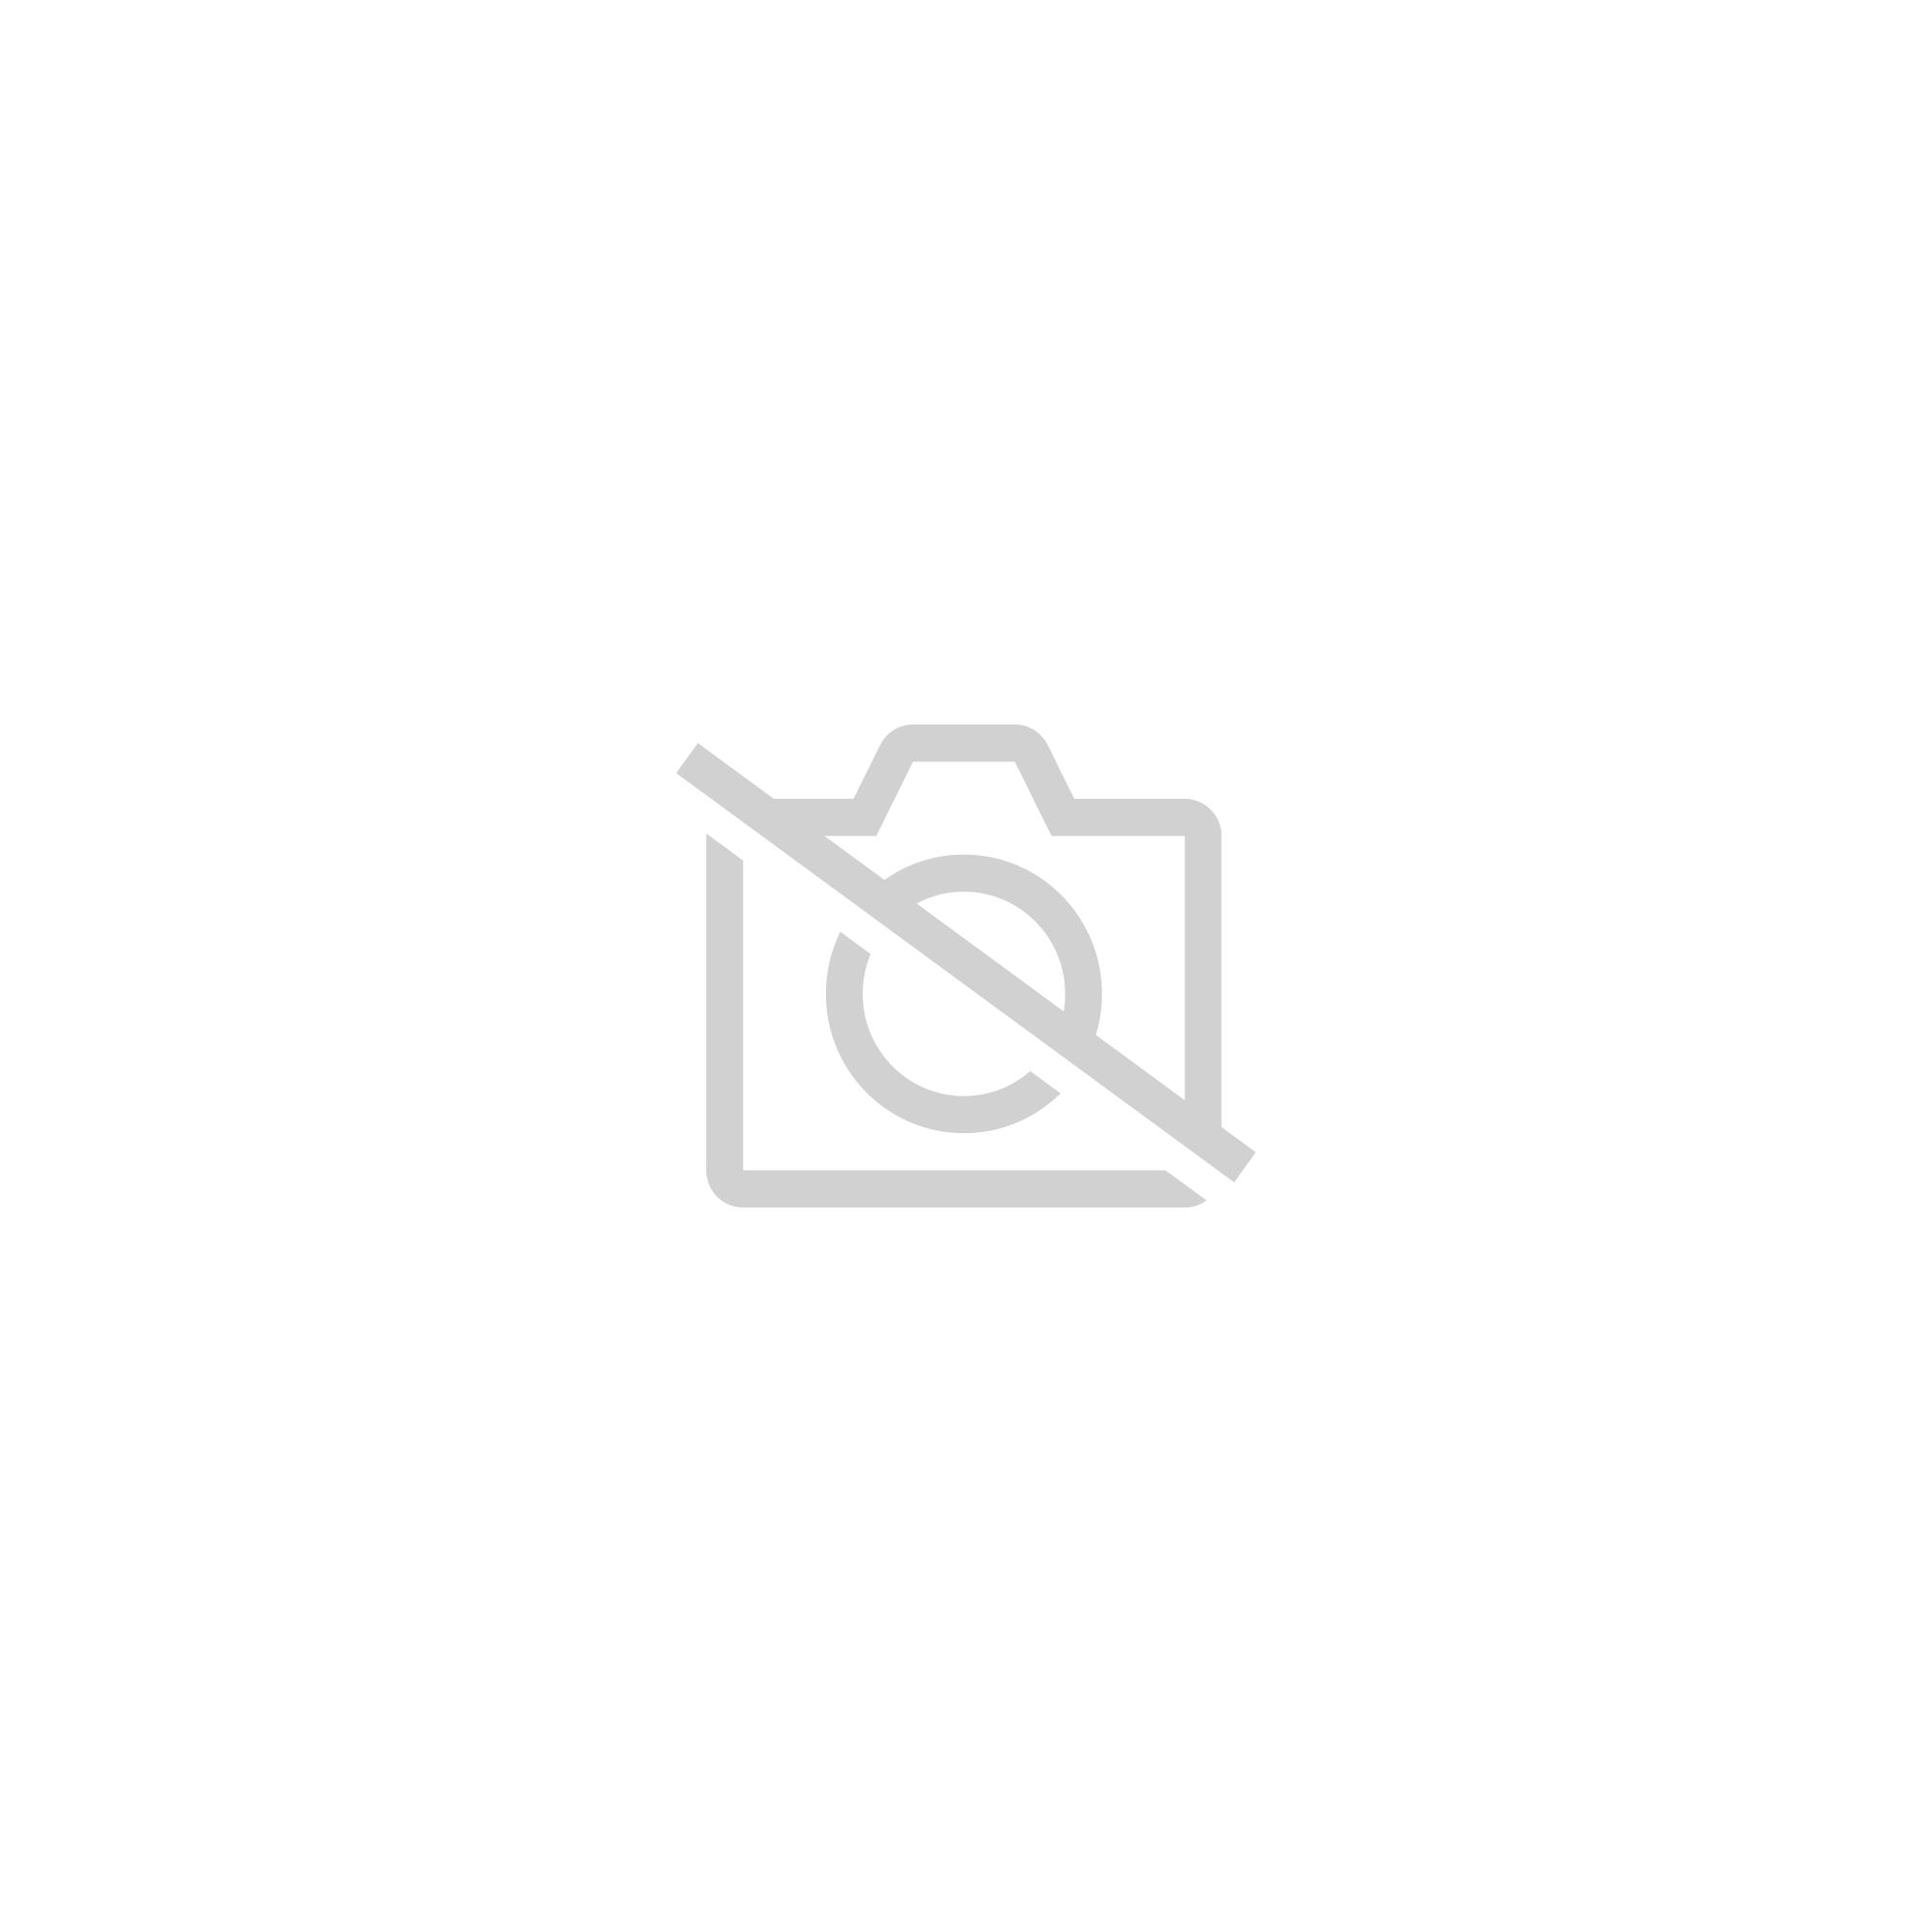 1a4f58cc368 Femme Robe Soirée Longue Plissée Dentelle Crochet Dame Honneur Fluide  Mariage